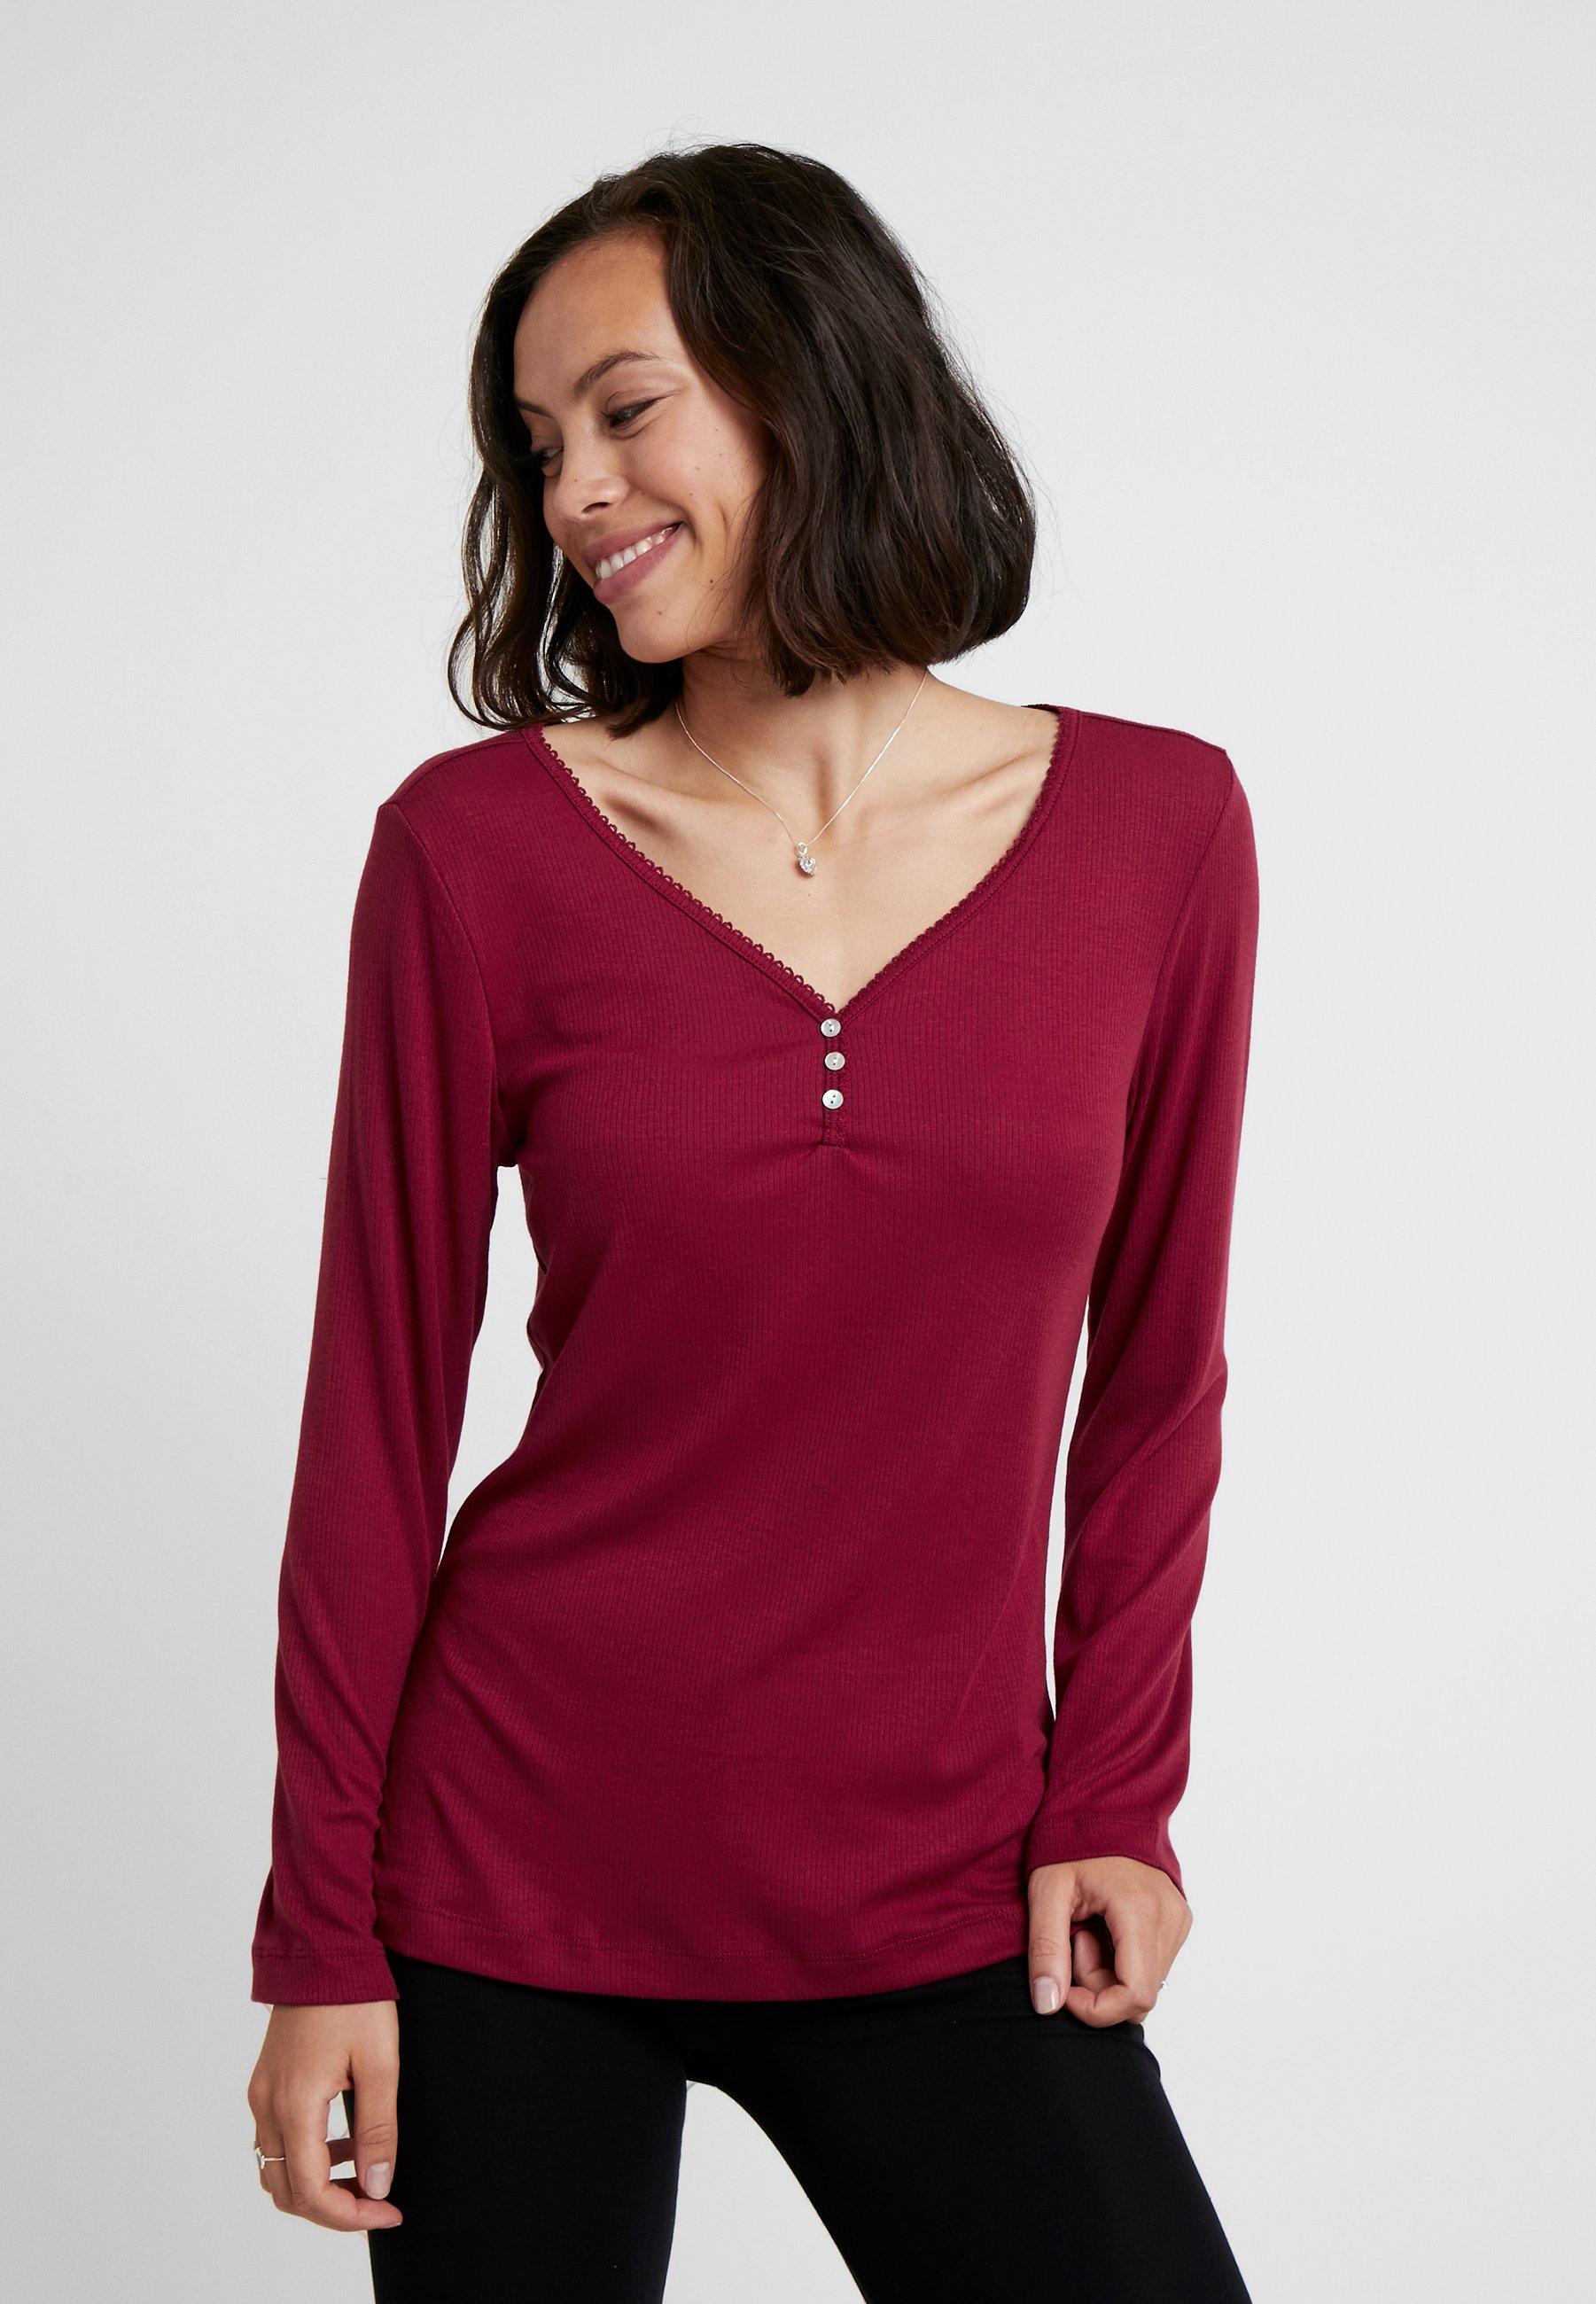 Damen PLAYFUL DREAMS - Nachtwäsche Shirt